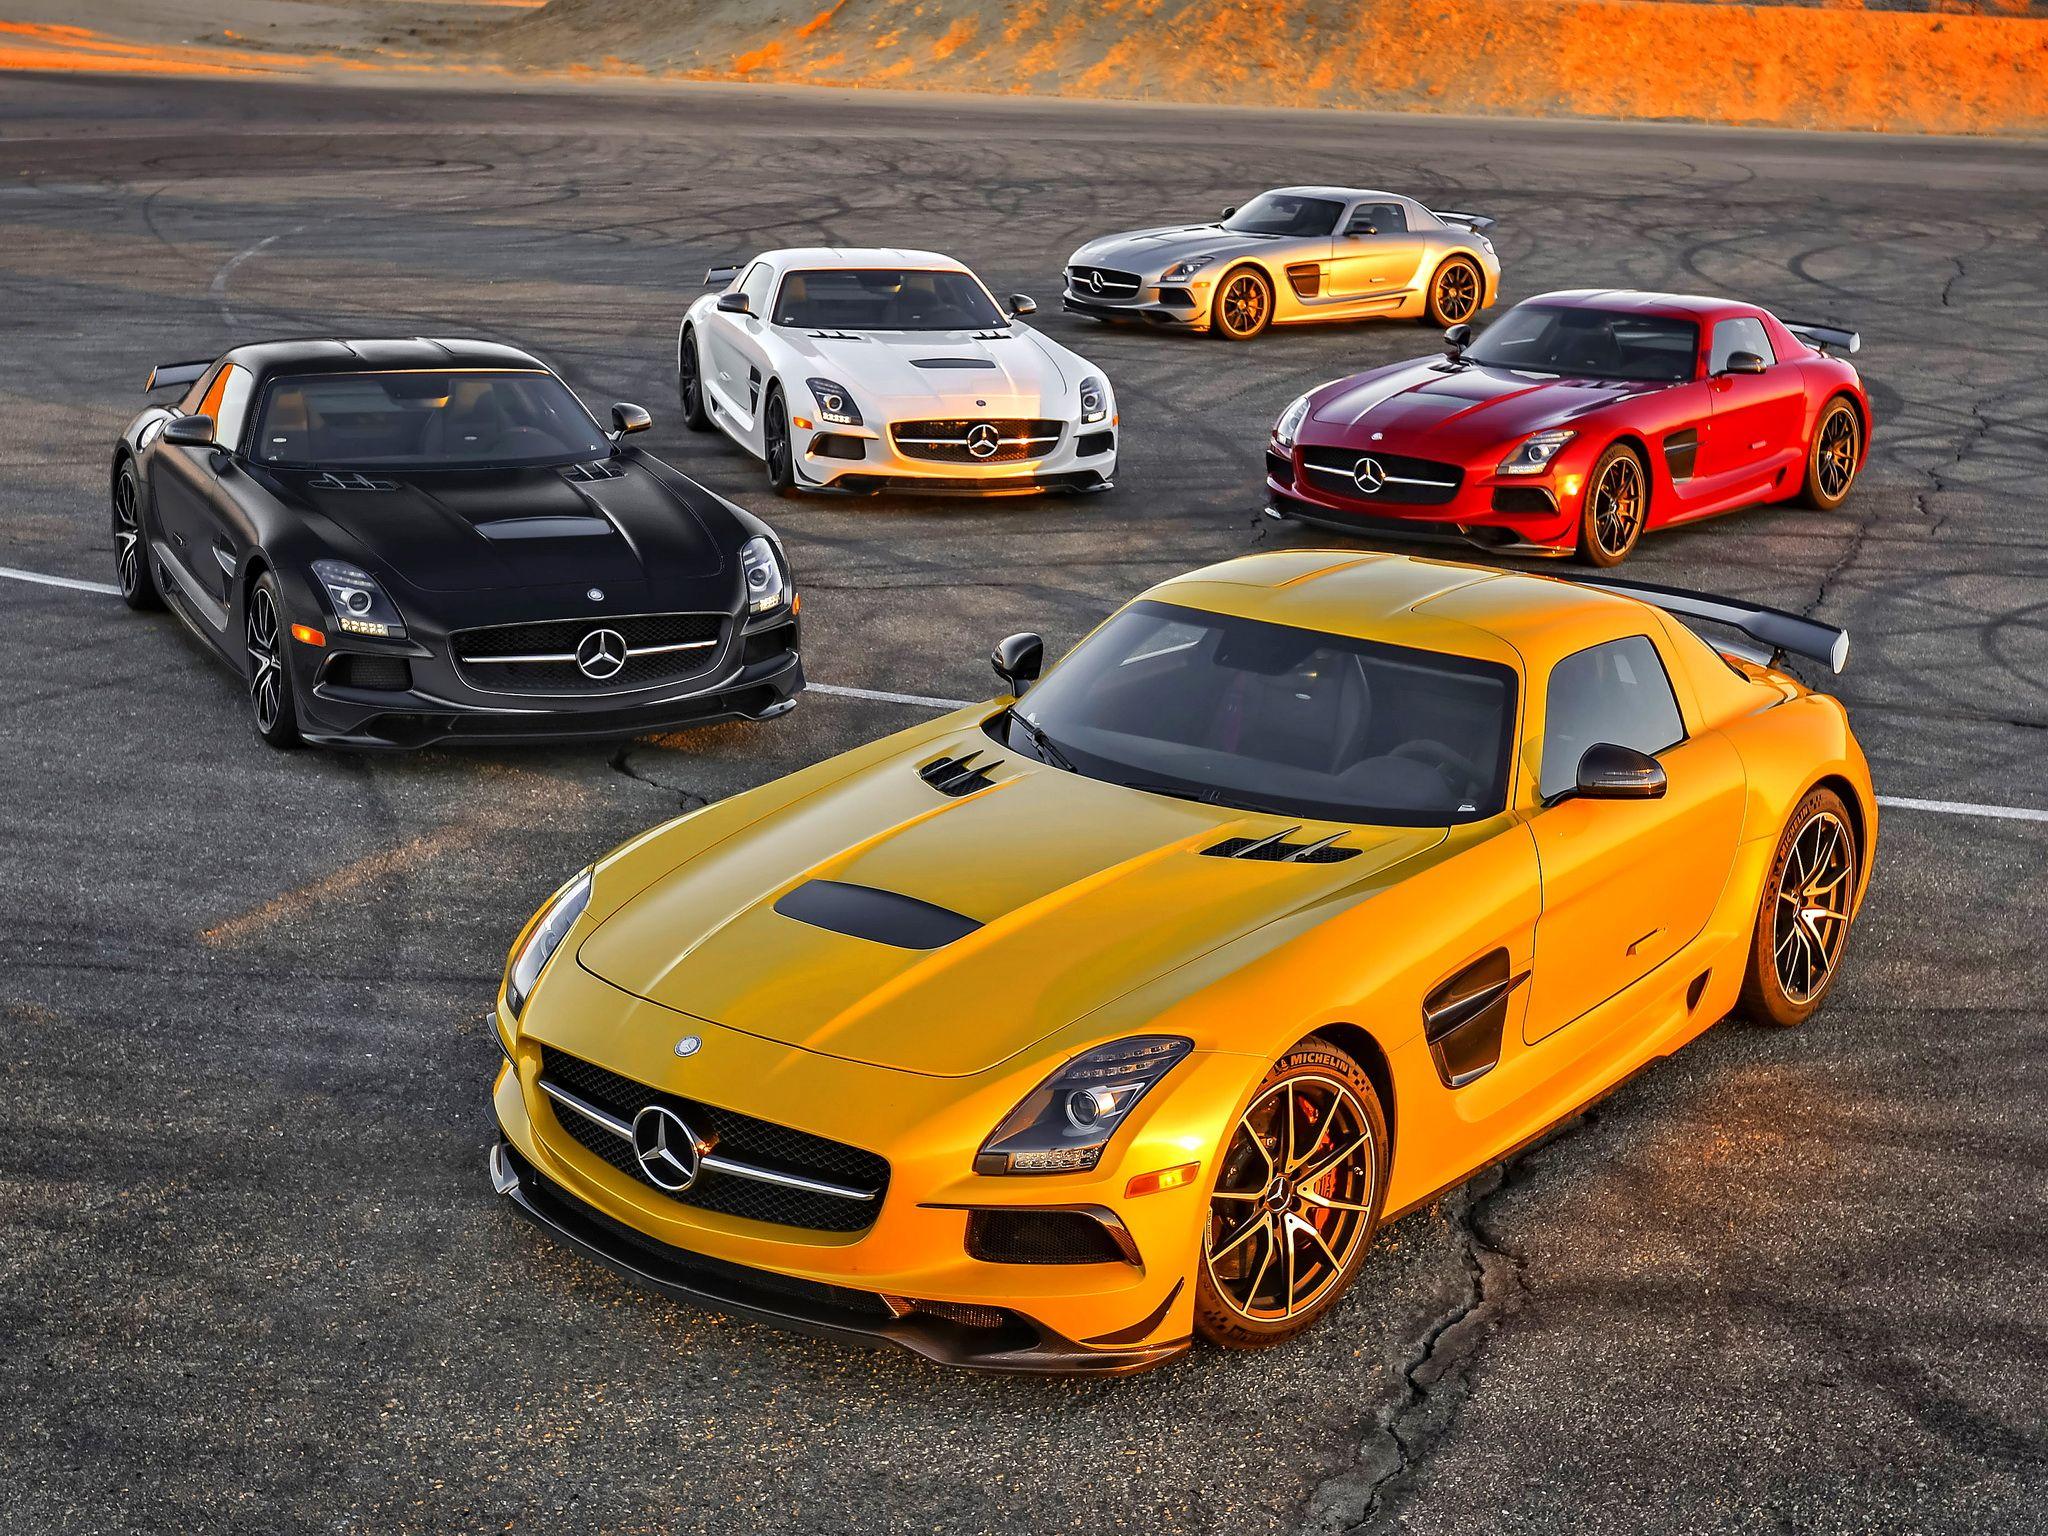 Mercedes Benz Sls 63 Amg Black Series C197 Mercedes Benz Sls